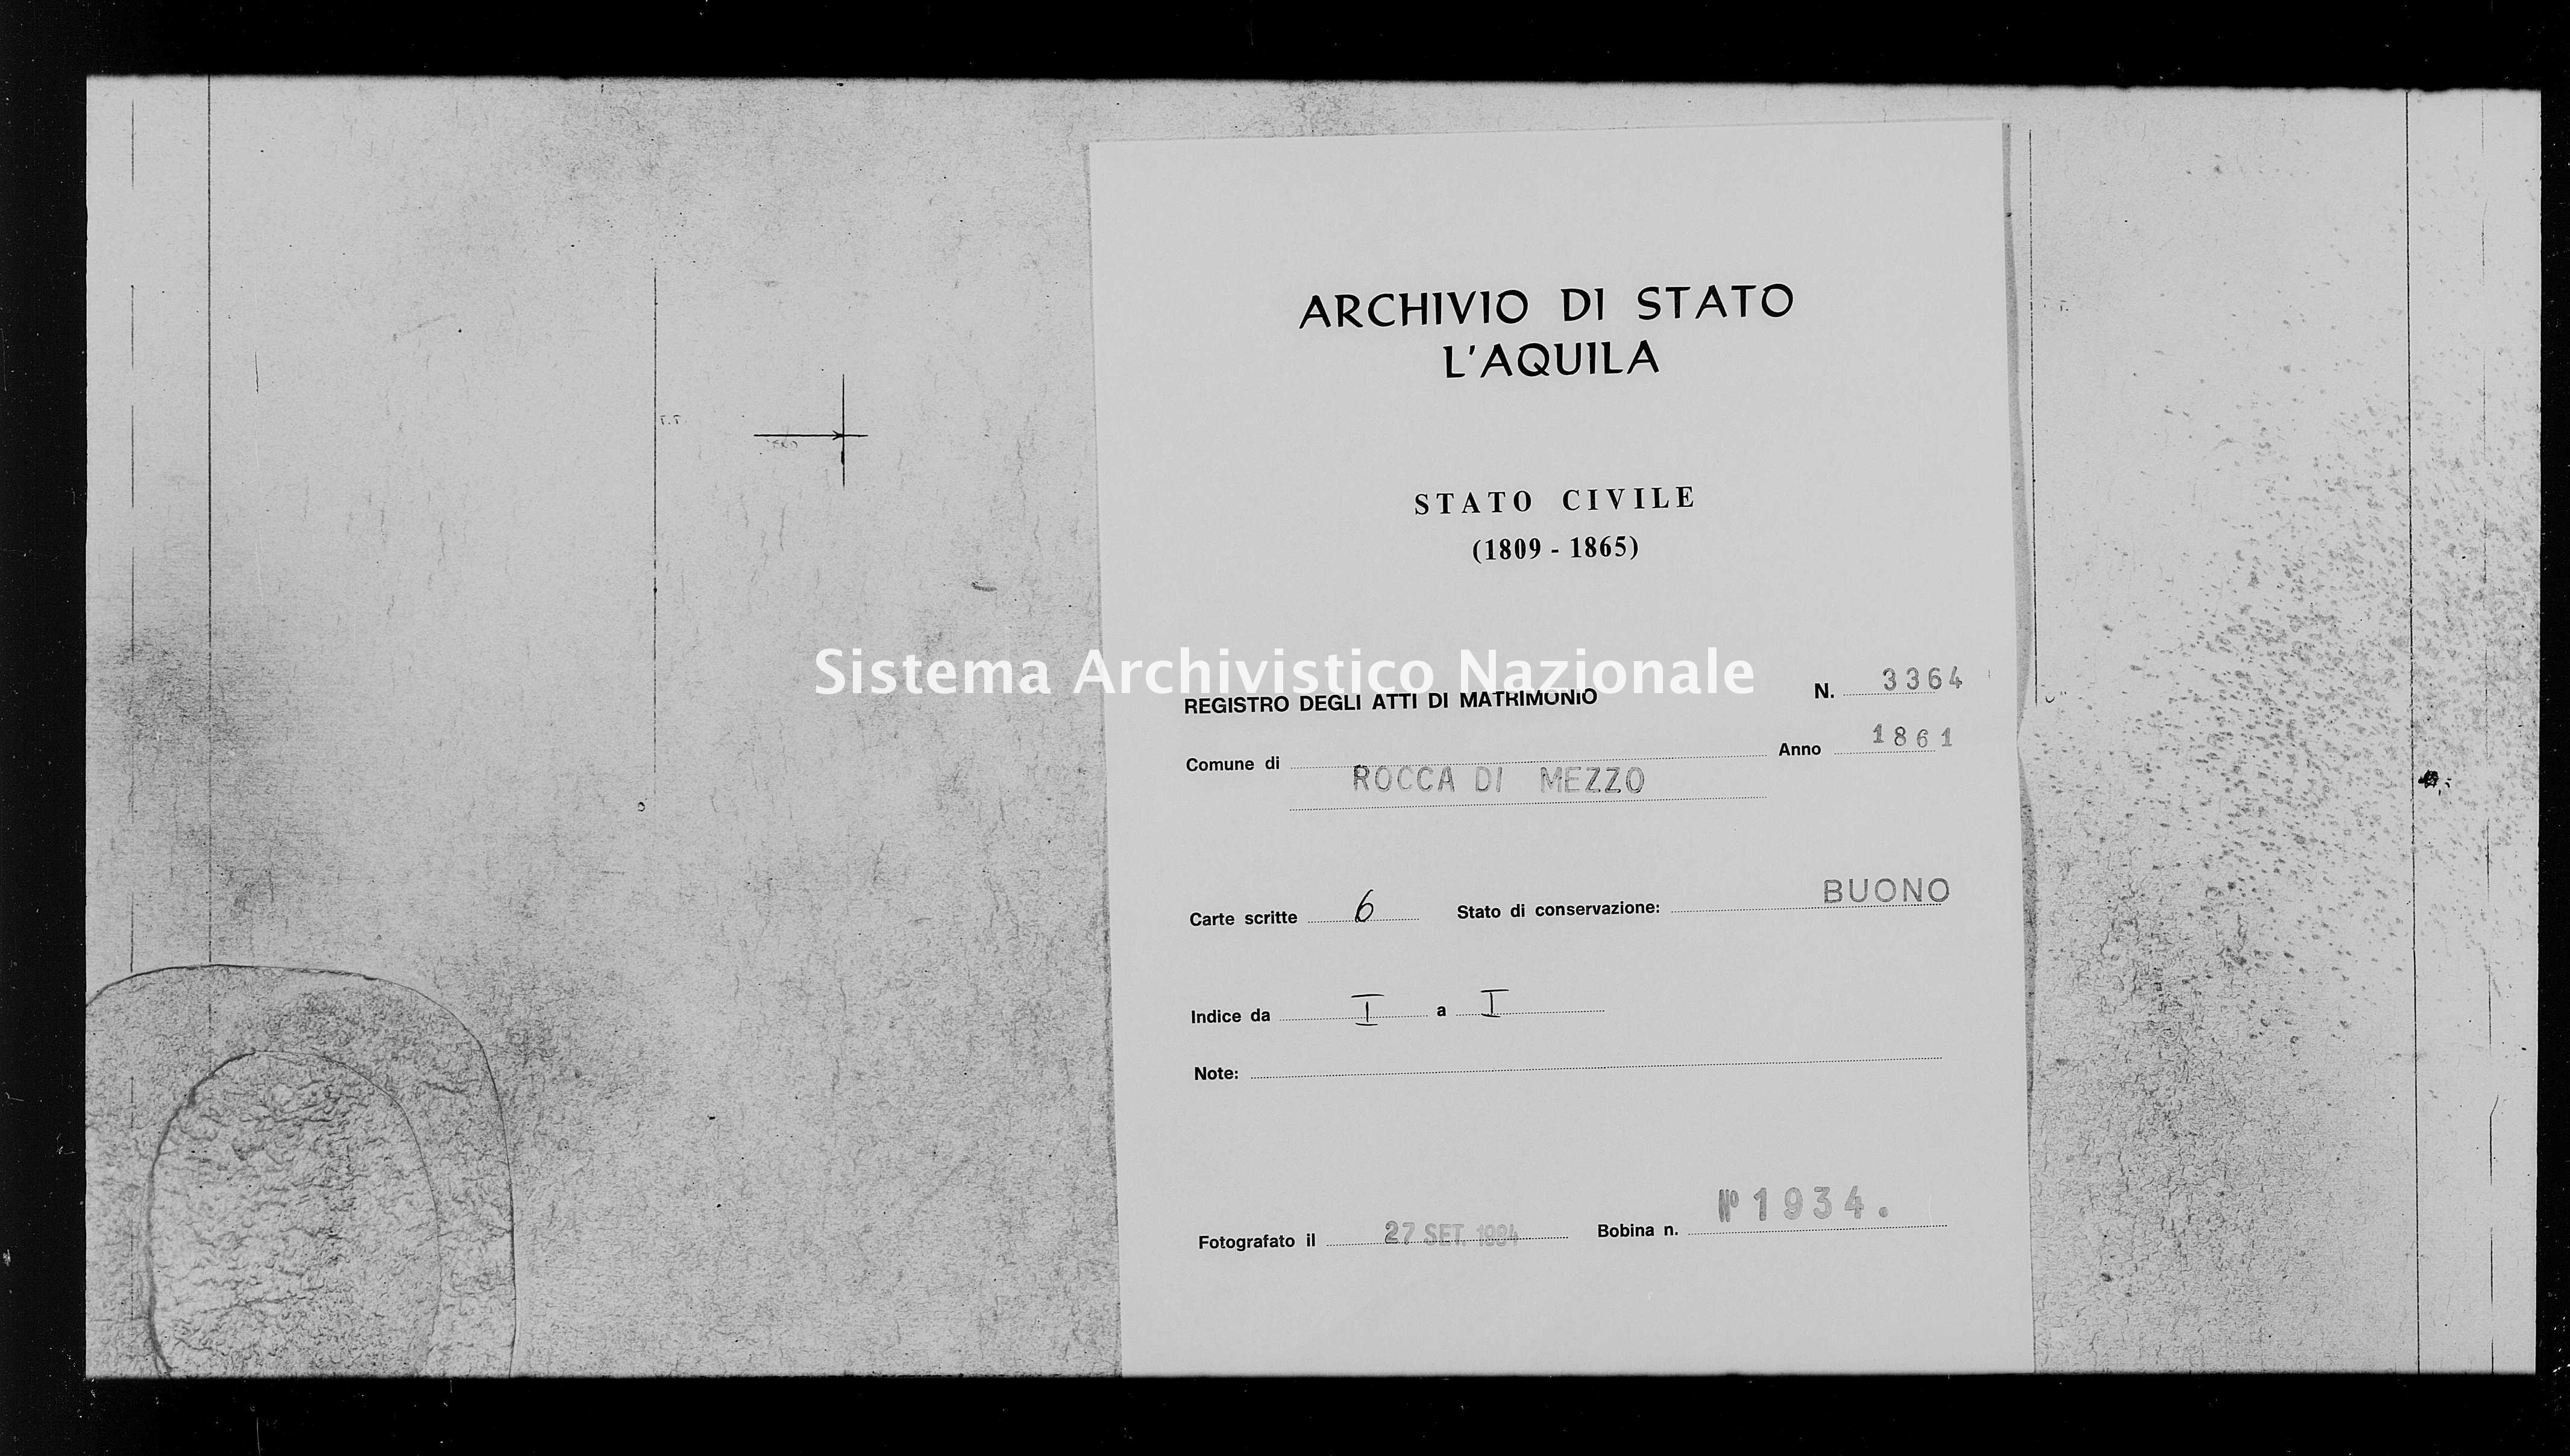 Archivio di stato di L'aquila - Stato civile italiano - Rocca di Mezzo - Matrimoni - 1861 - 3364 -